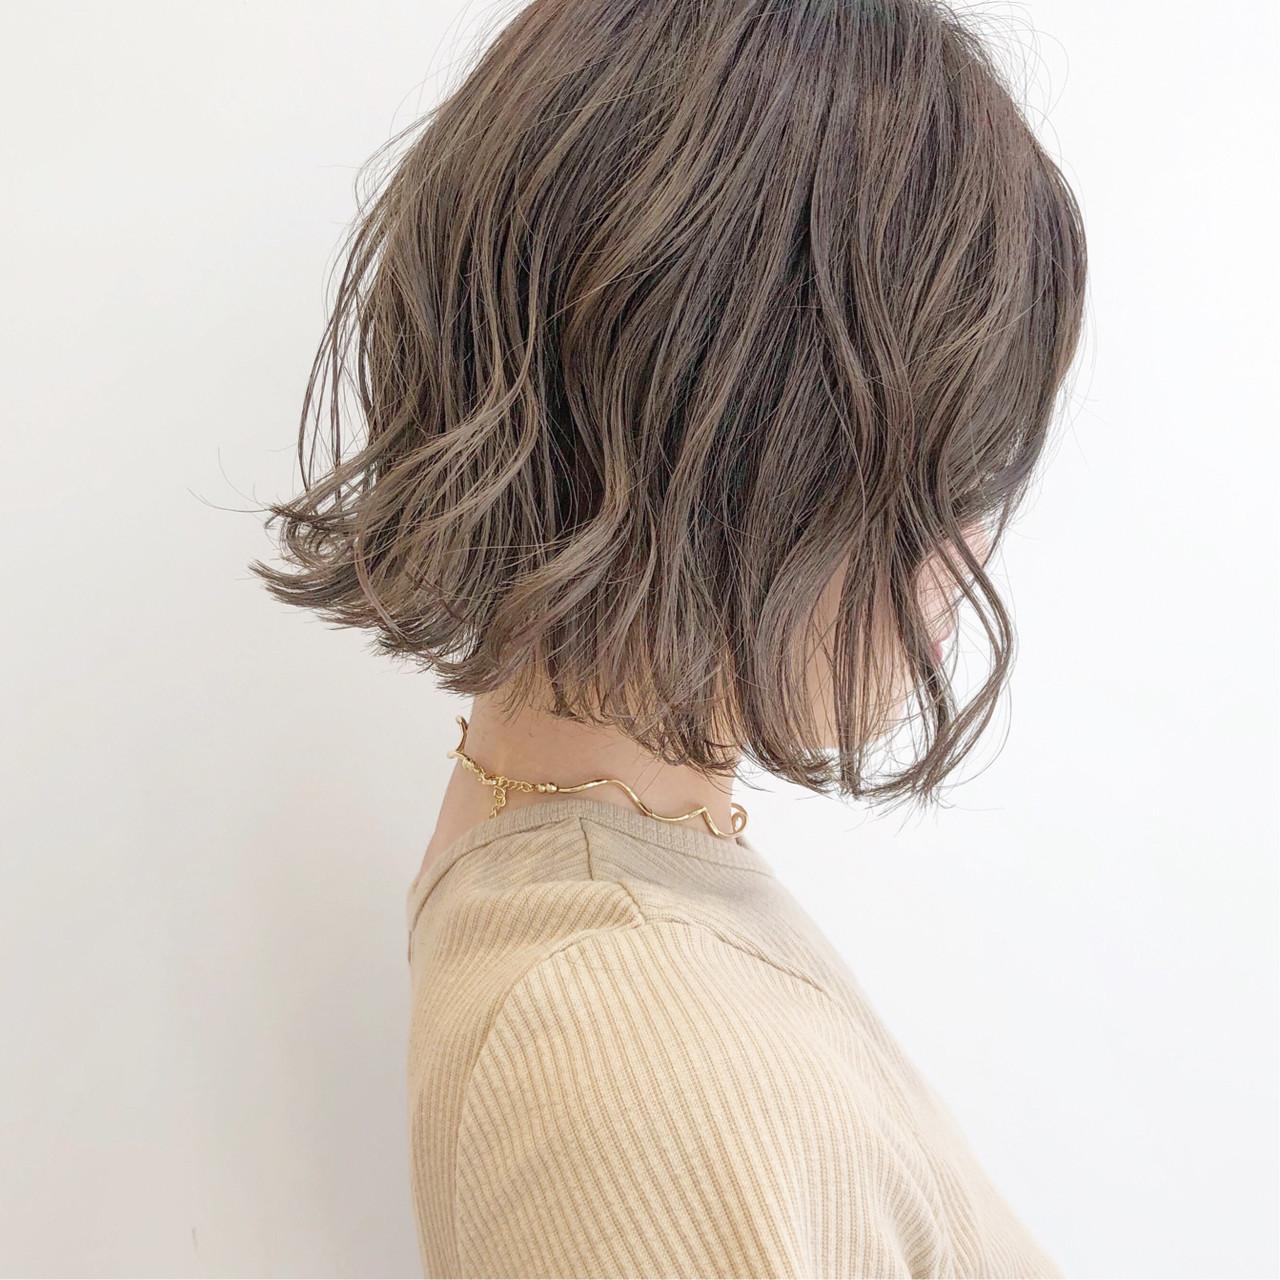 ナチュラル ミニボブ ショートボブ 切りっぱなしボブ ヘアスタイルや髪型の写真・画像 | 『ボブ美容師』永田邦彦 表参道 / send by HAIR